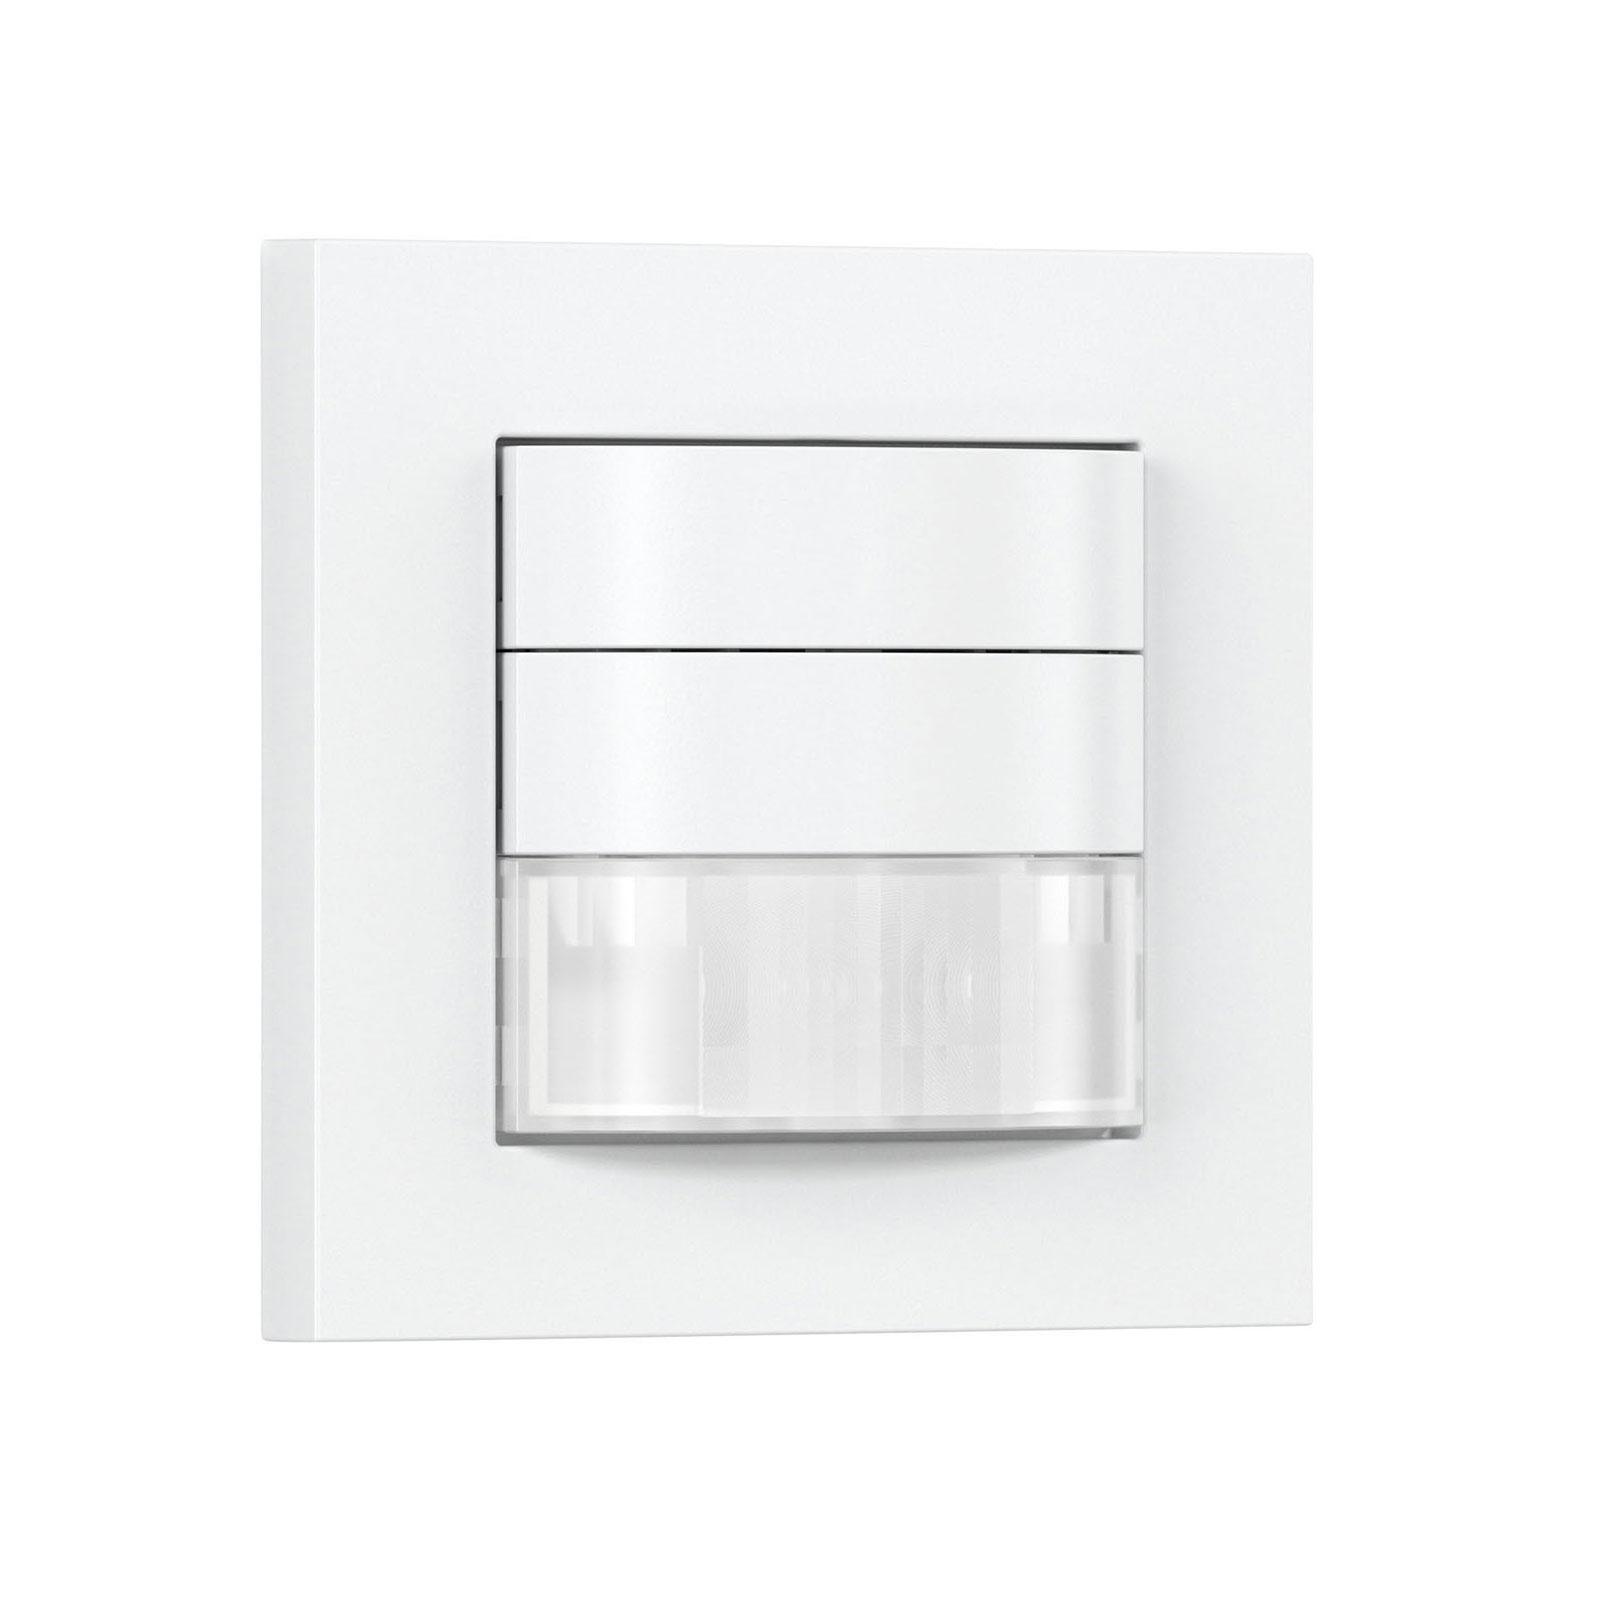 STEINEL IR 180 interruptor presencia univ blanco